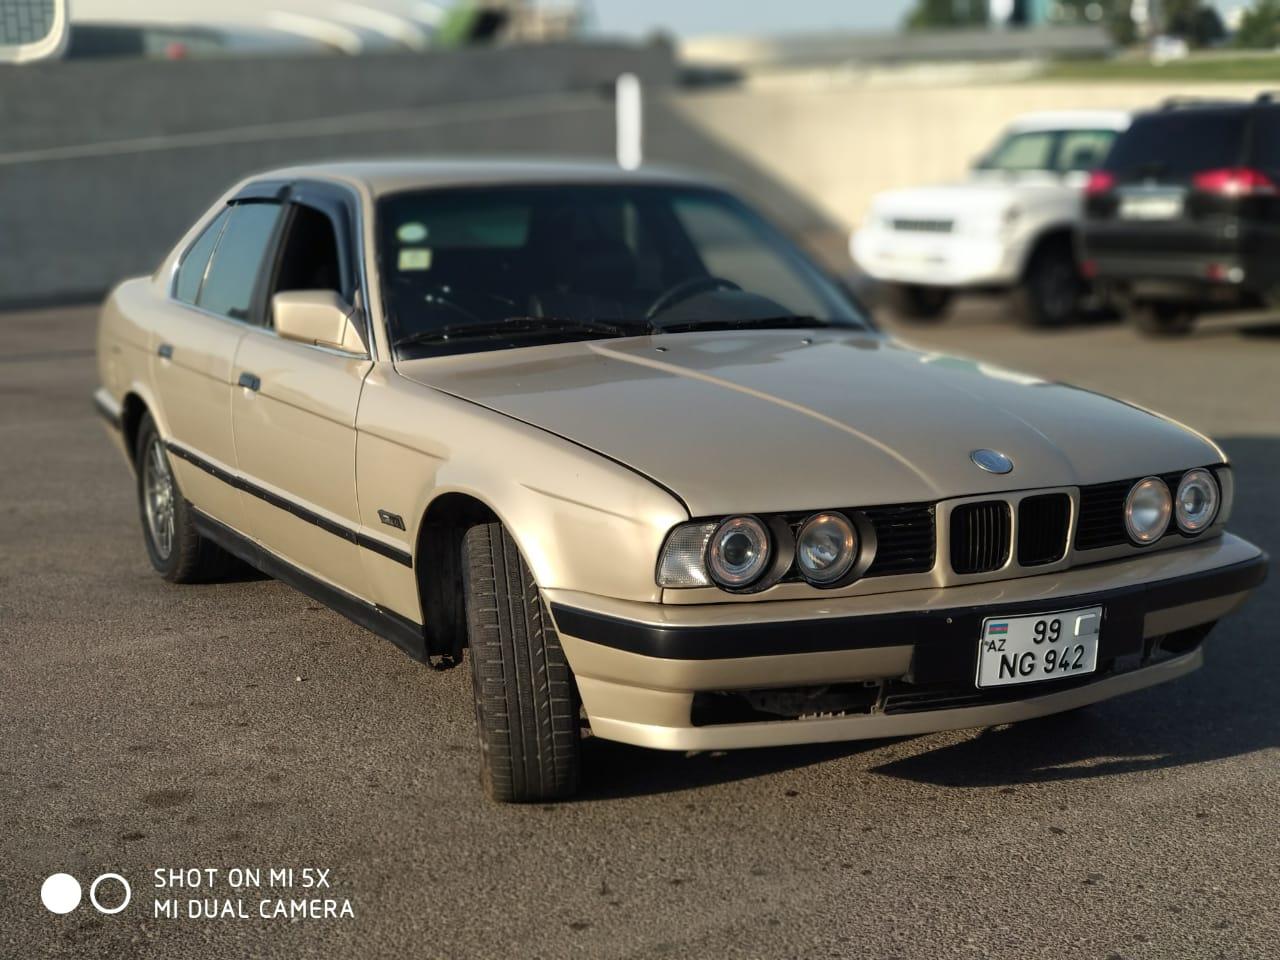 BMW 520 2.0(lt) 1990 İkinci əl  $3000